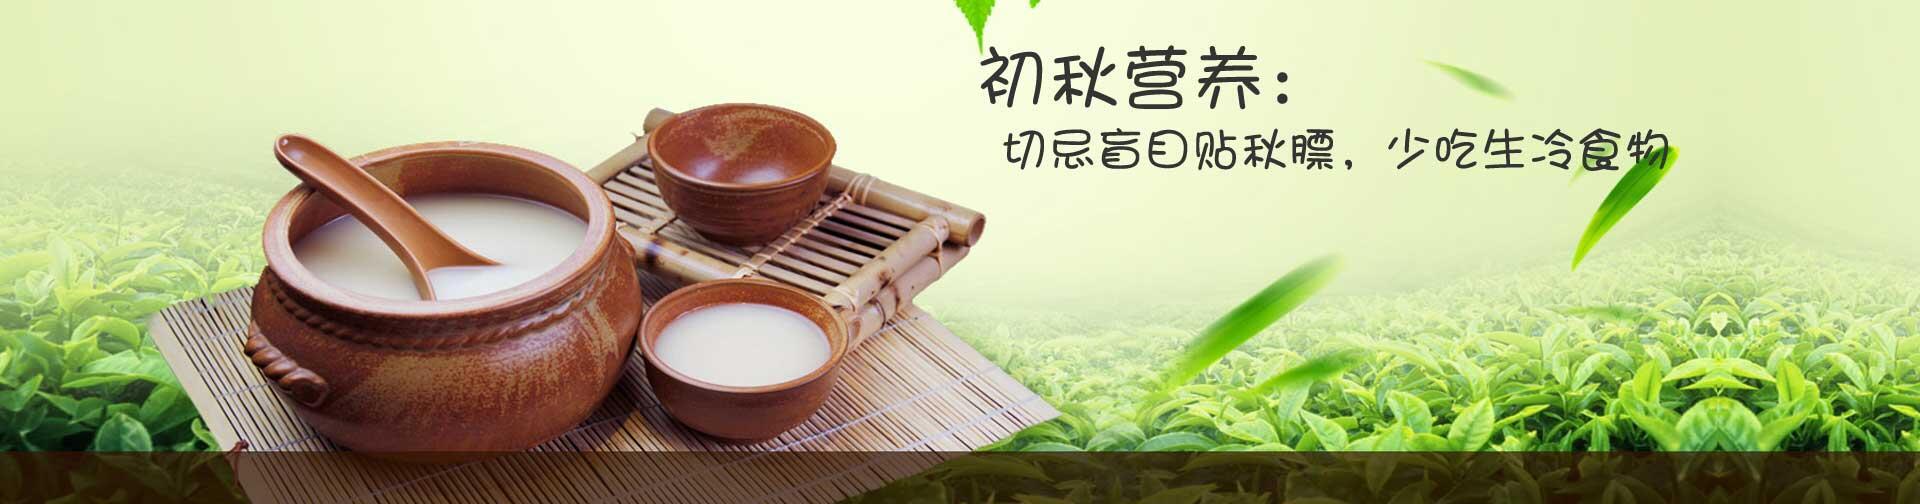 初秋营养:切忌盲目贴秋膘,少吃生冷食物